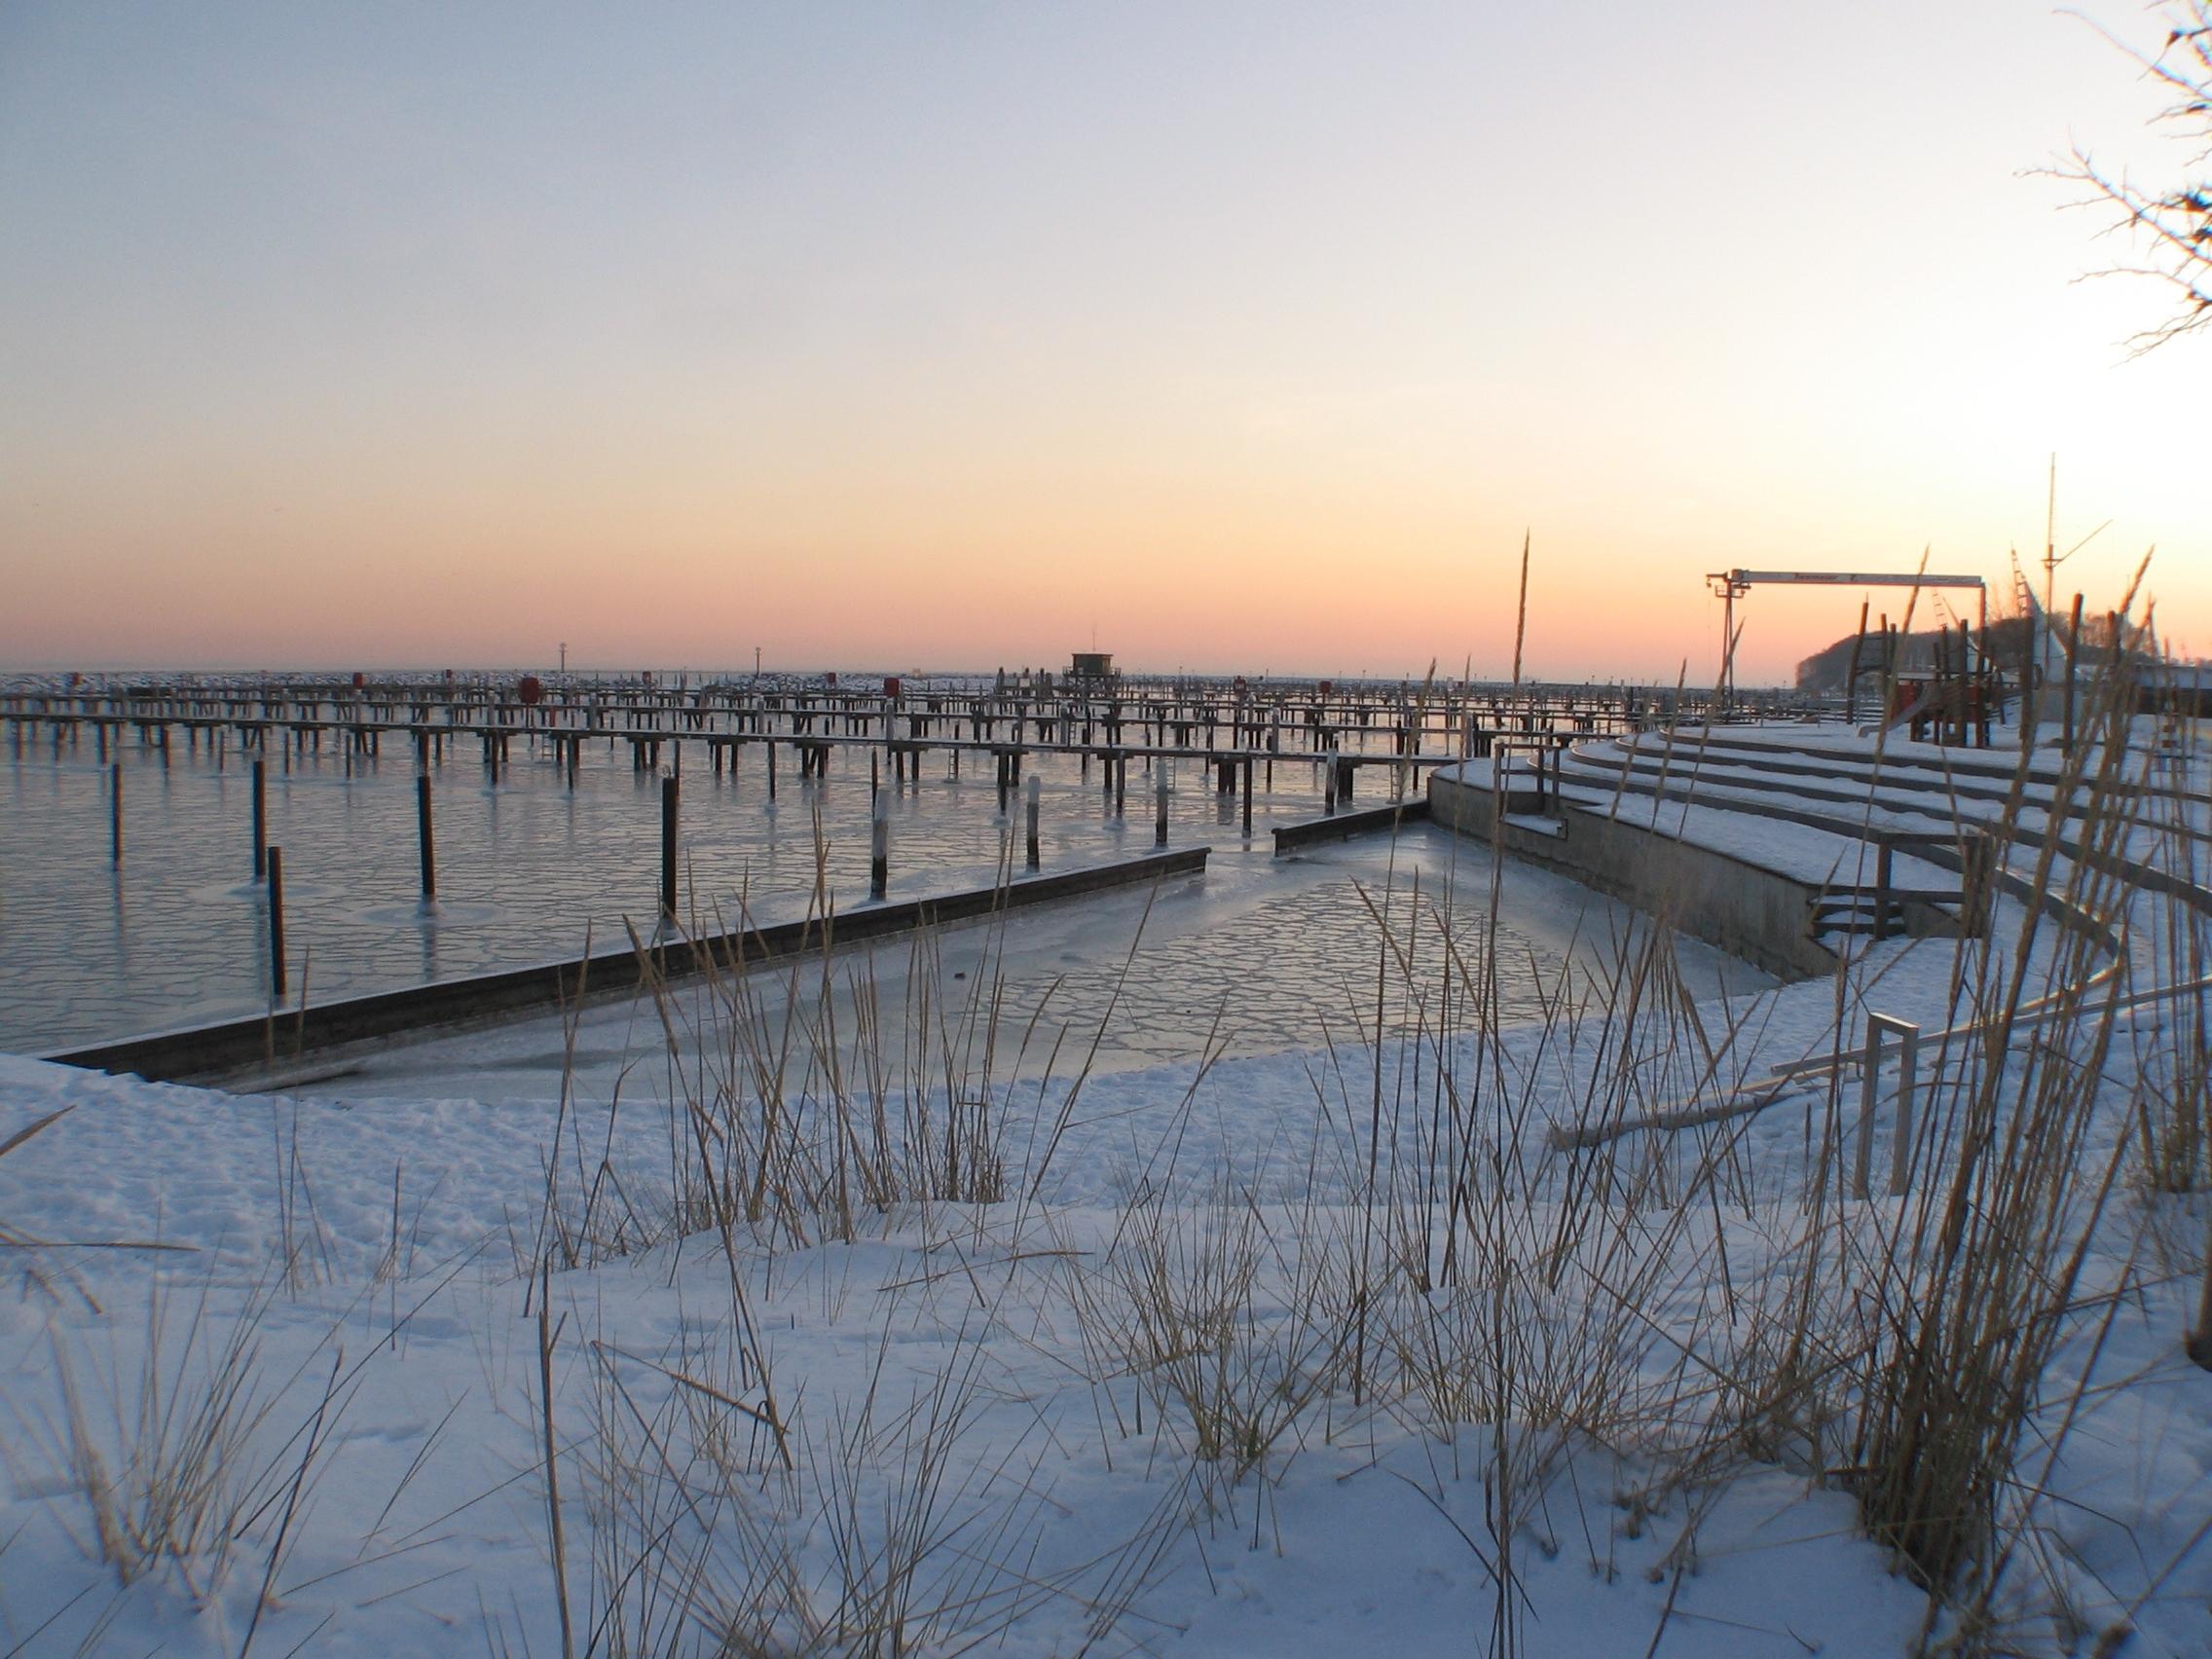 118_Groemitzer_Yachthafen_im_Winter.original